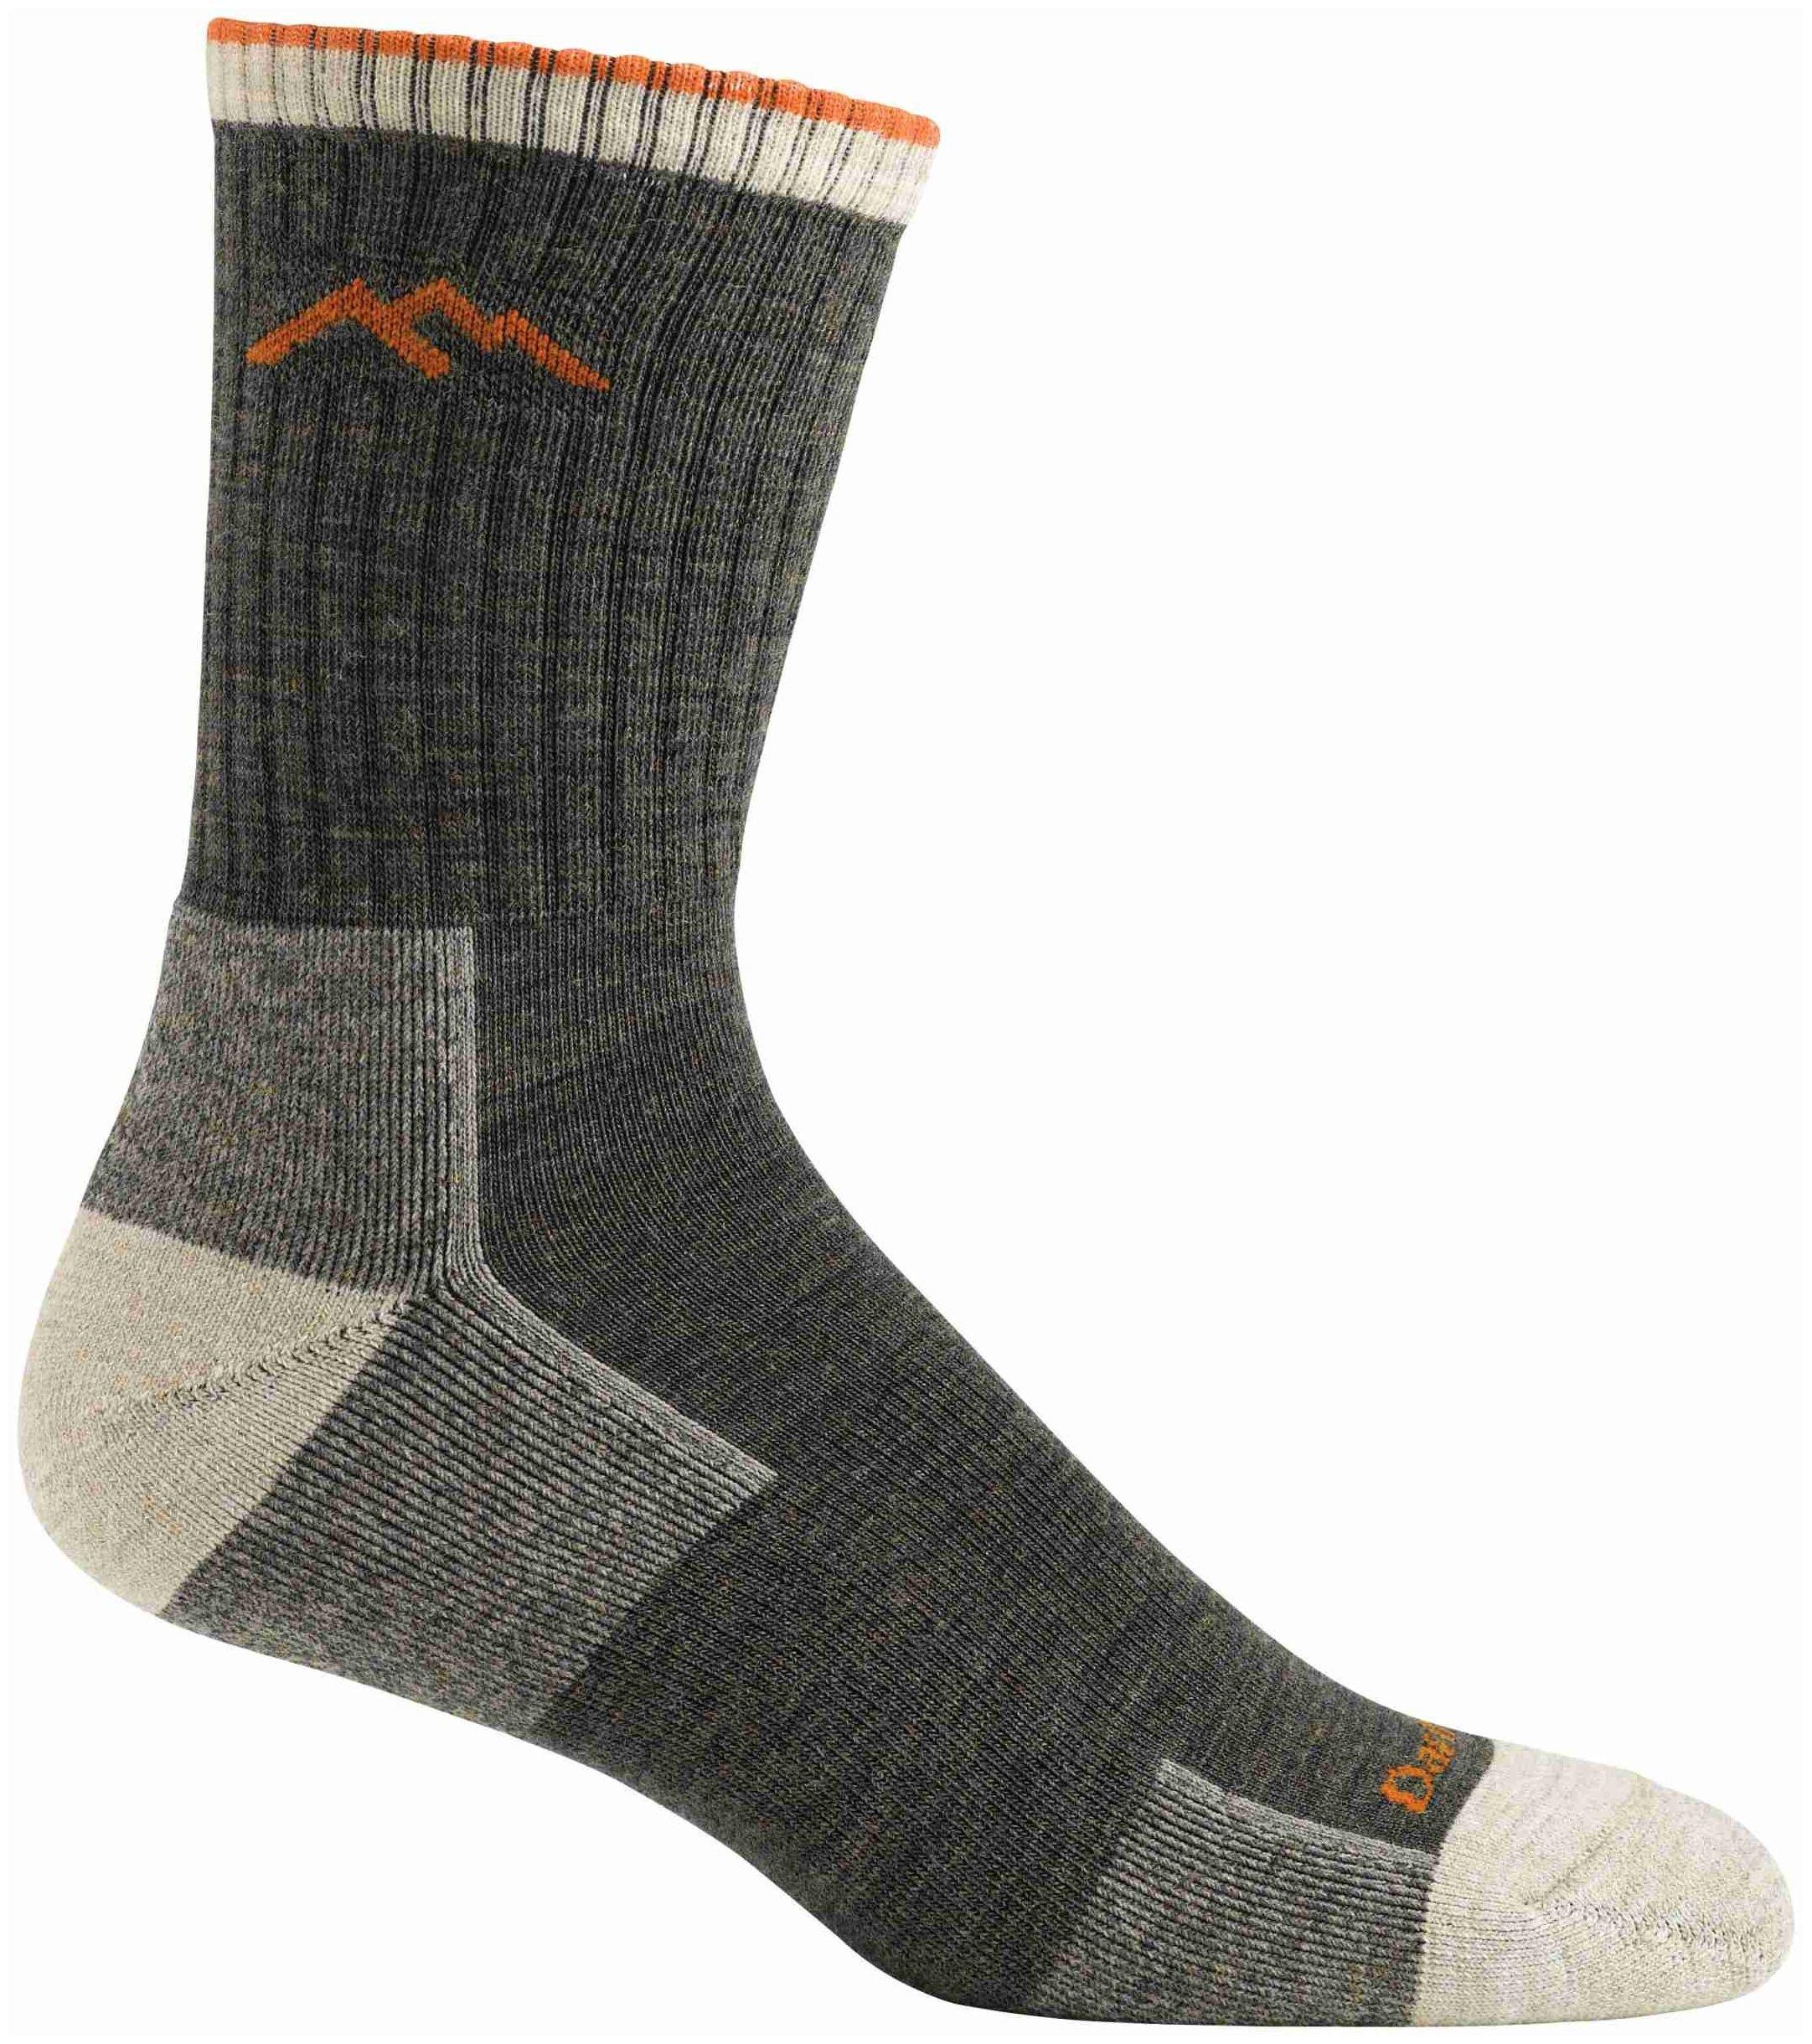 Darn Tough Merino Wool Micro Crew Sock